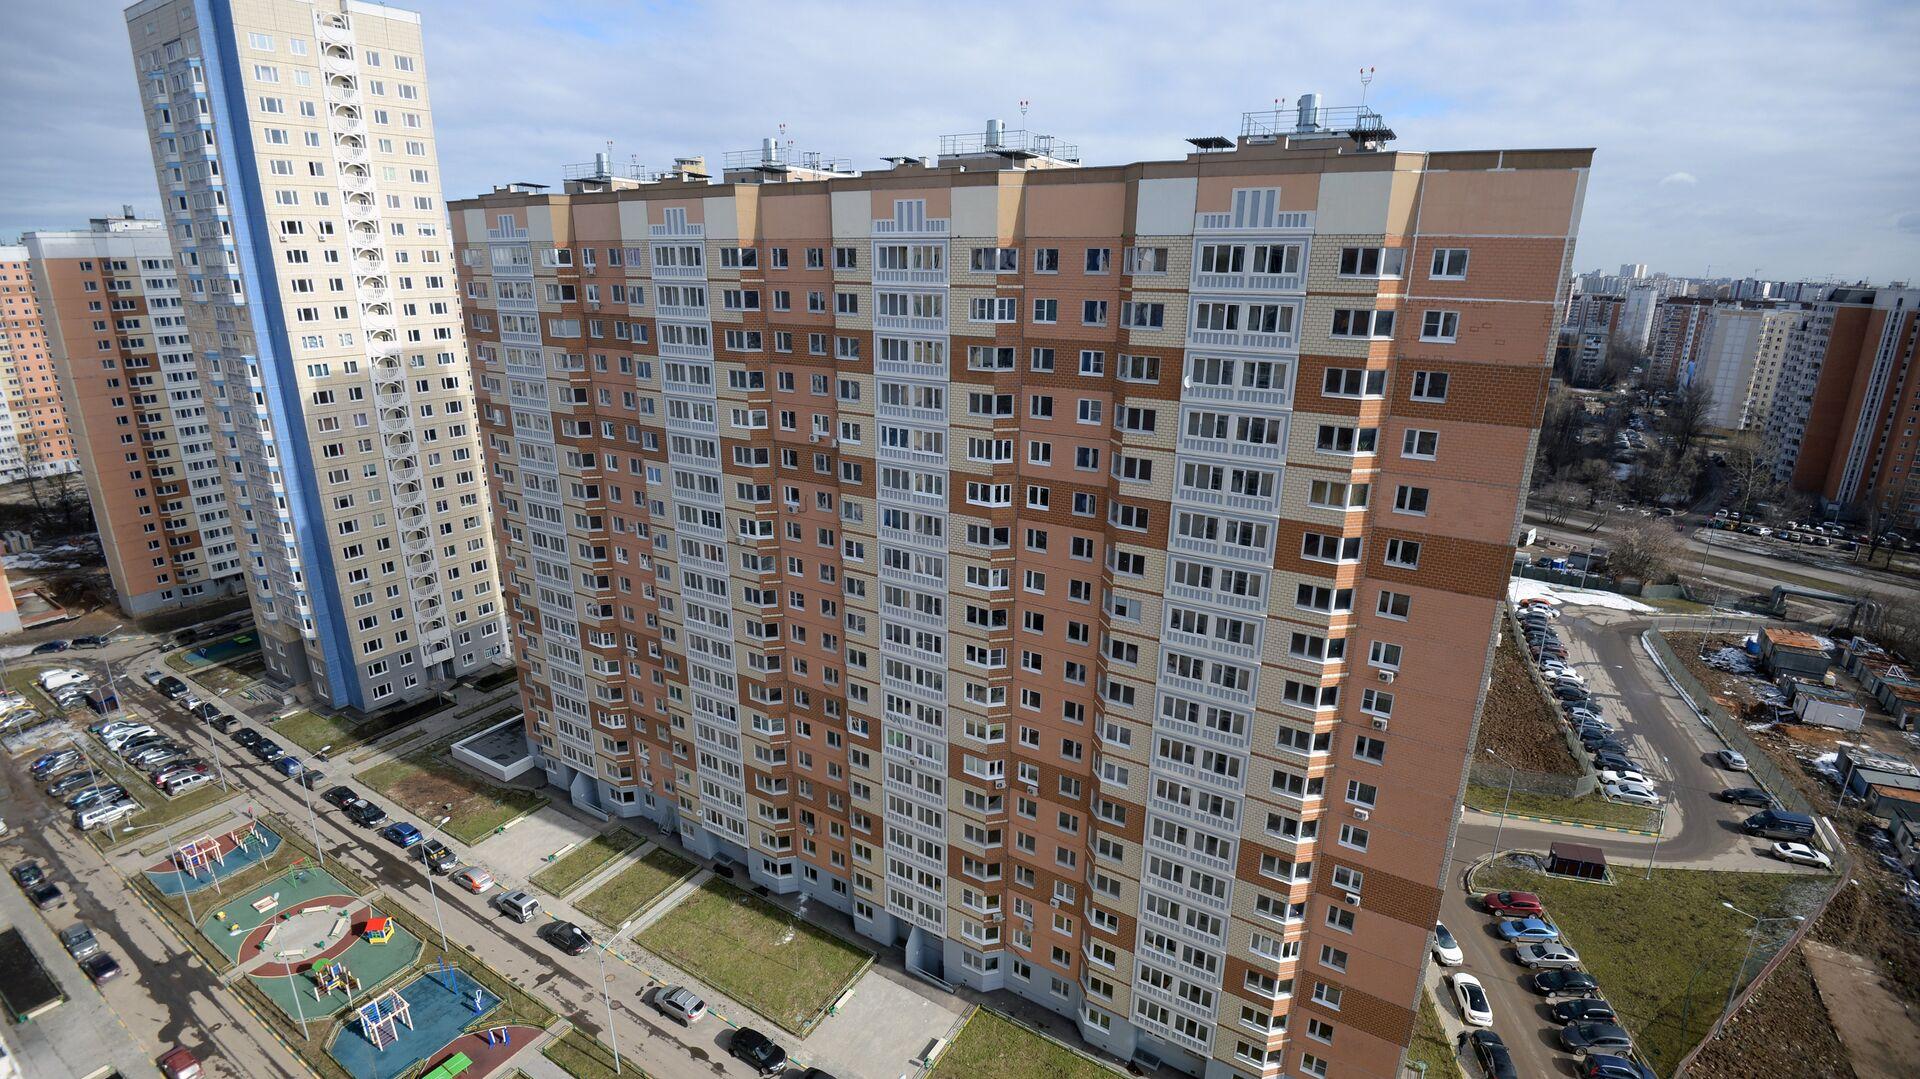 Строительство жилья - РИА Новости, 1920, 17.09.2020